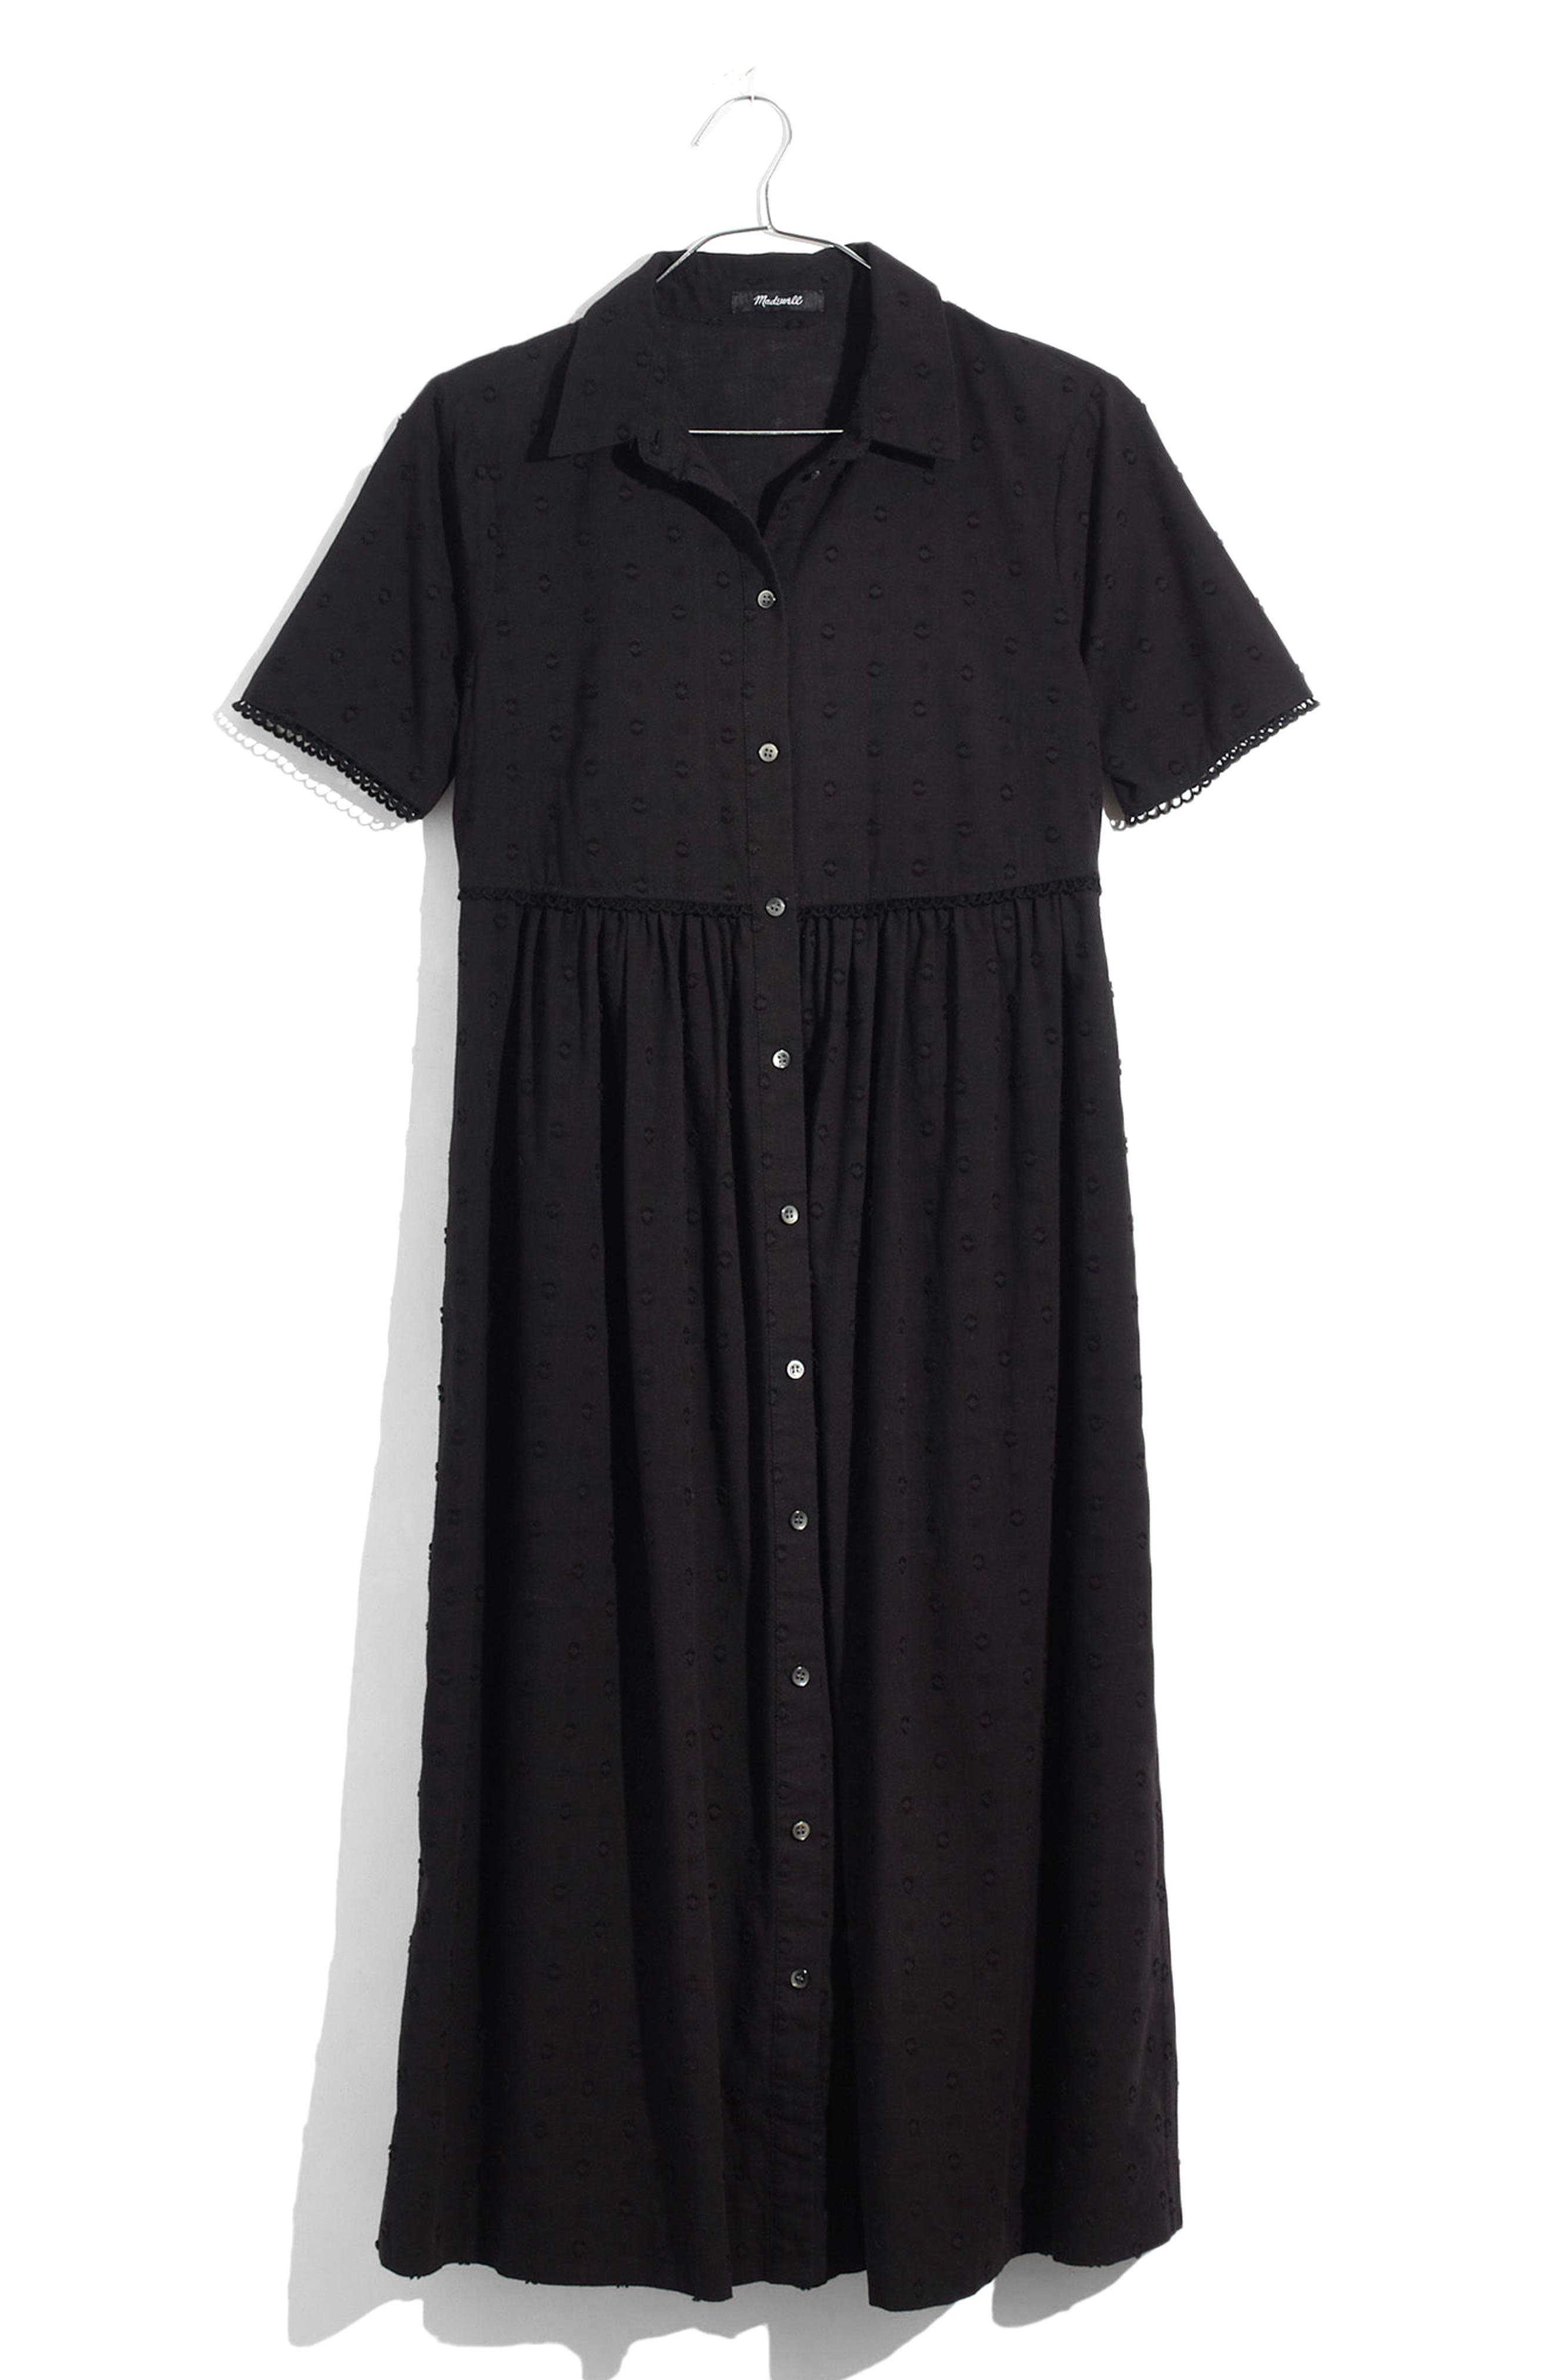 Clipdot Midi Shirtdress,                             Main thumbnail 1, color,                             001